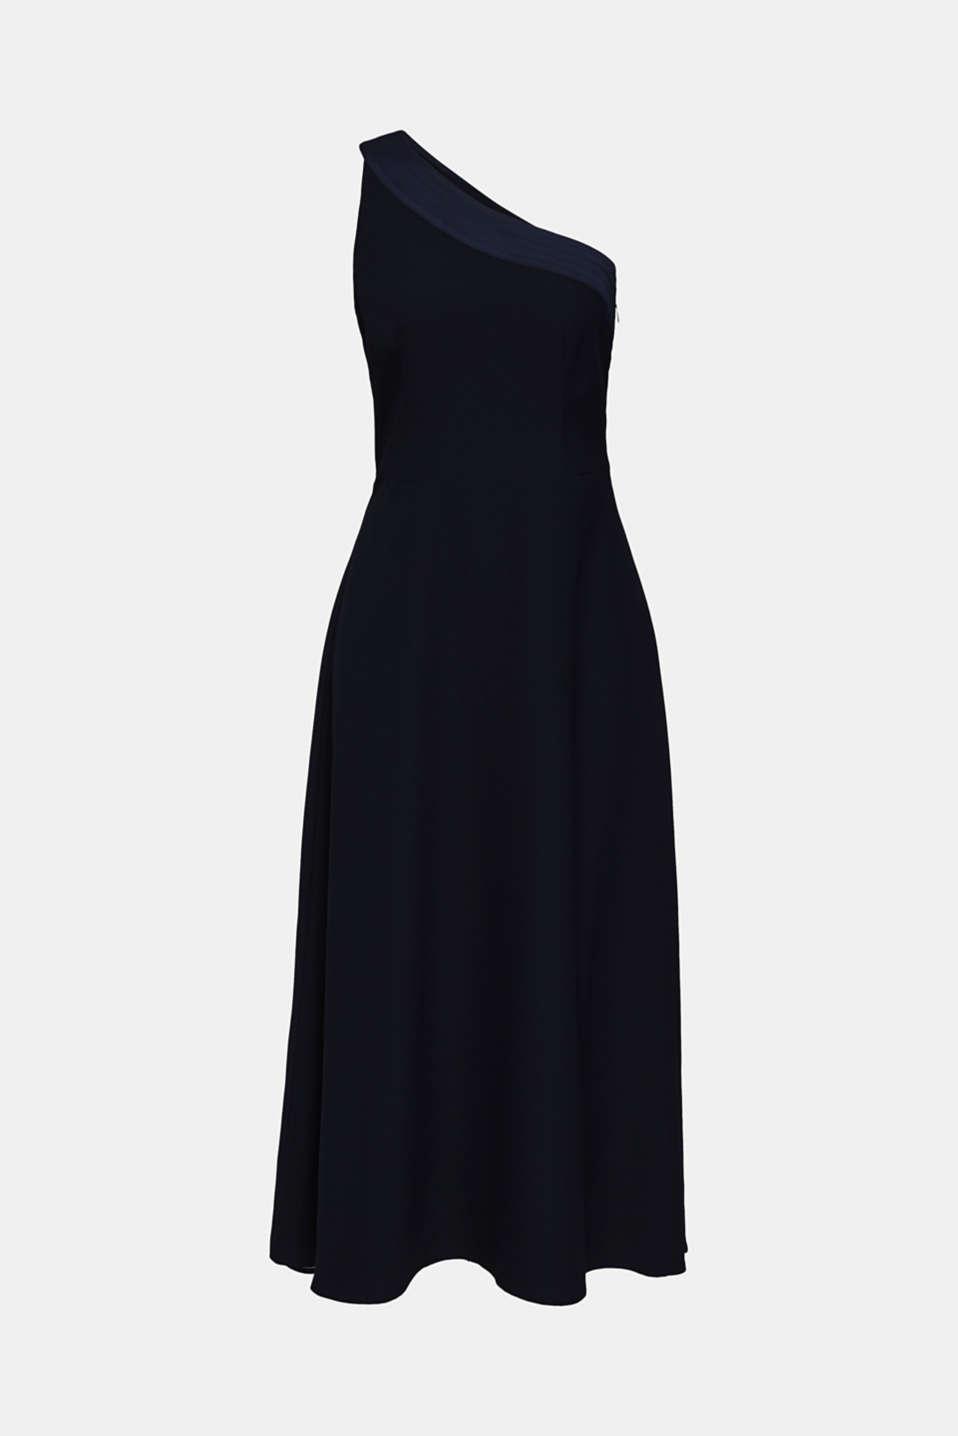 Maxi dress in a one-shoulder design, NAVY, detail image number 3